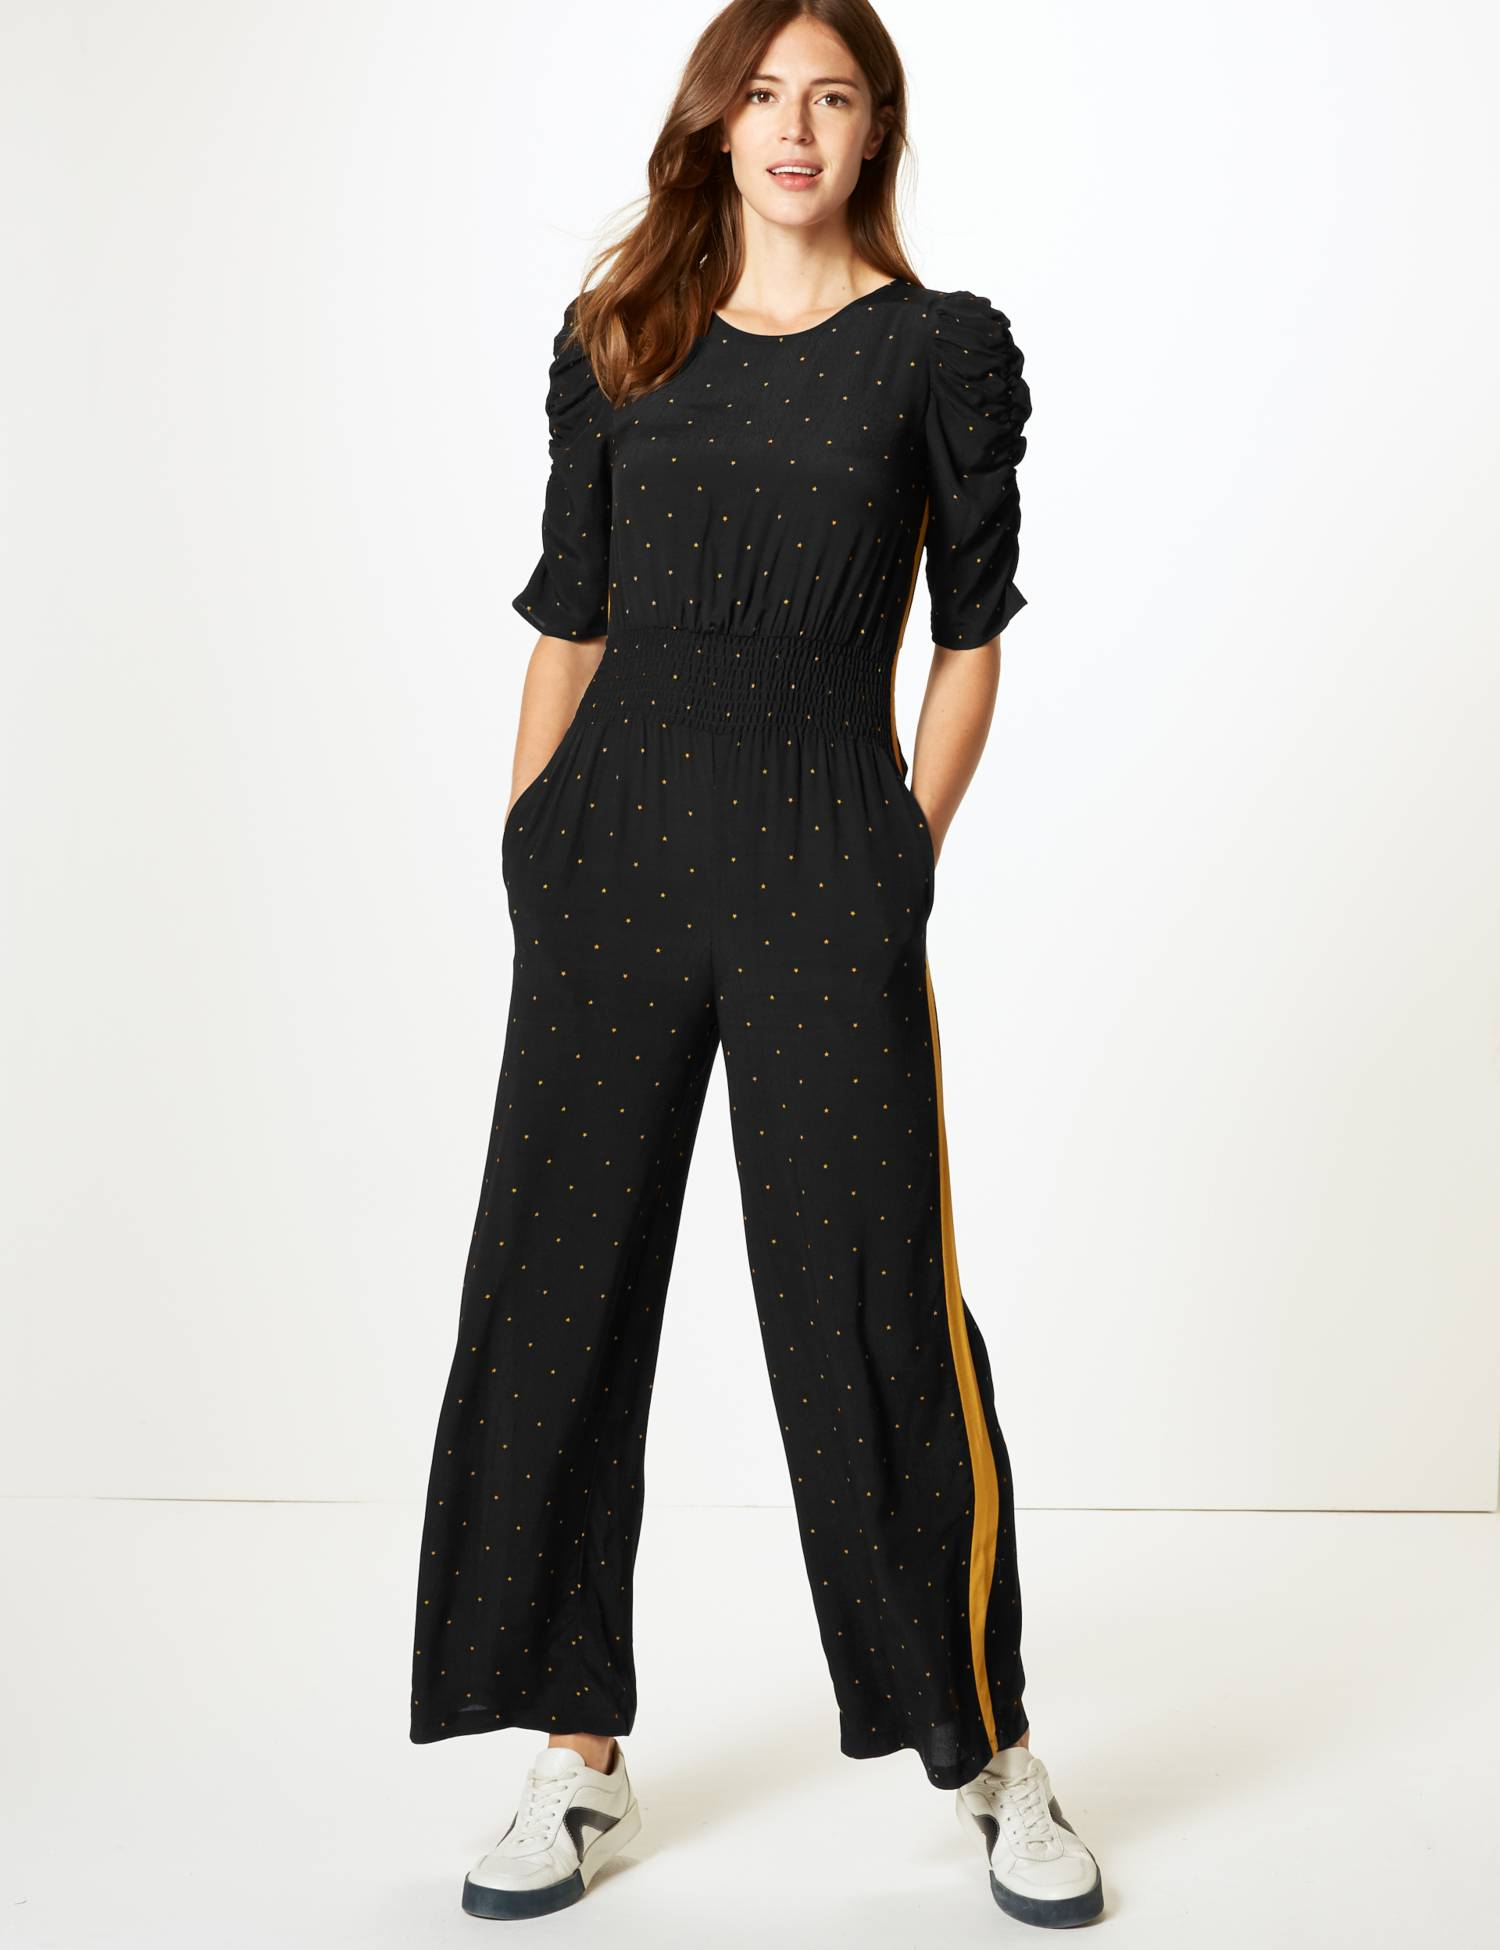 Star Print Half Sleeve Jumpsuit